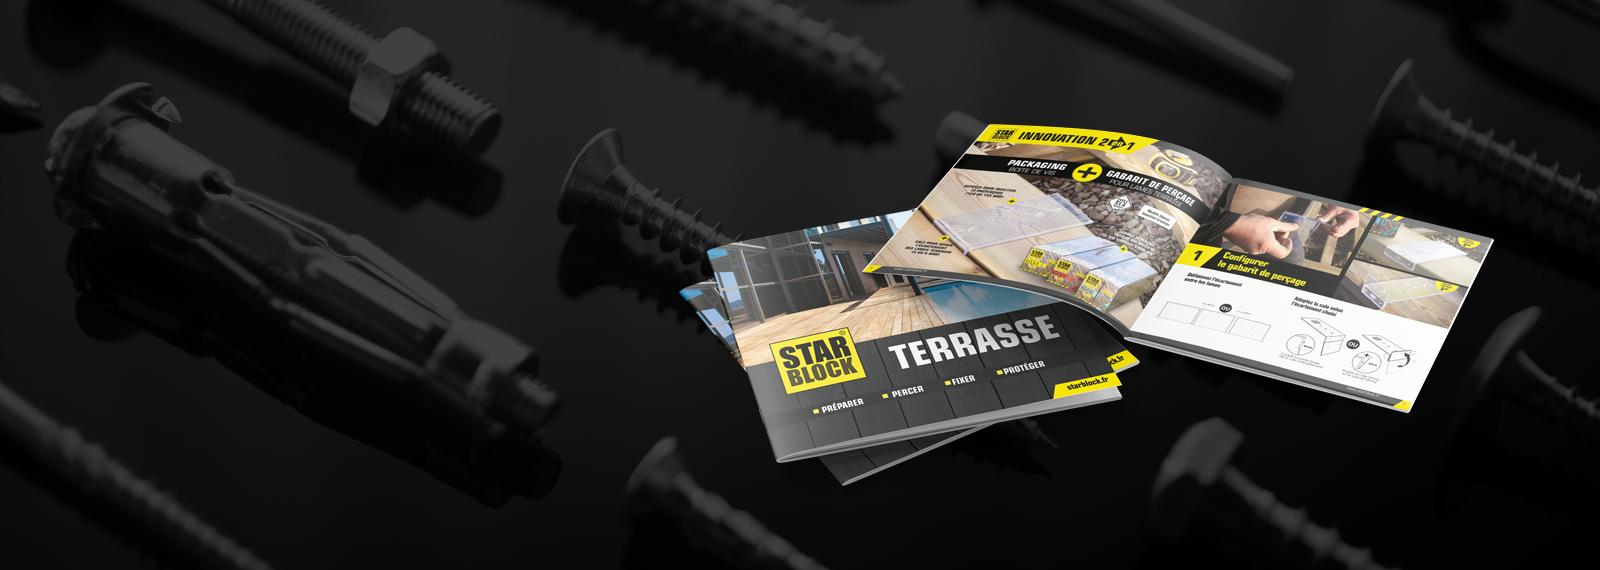 slider-brochure-terrasse